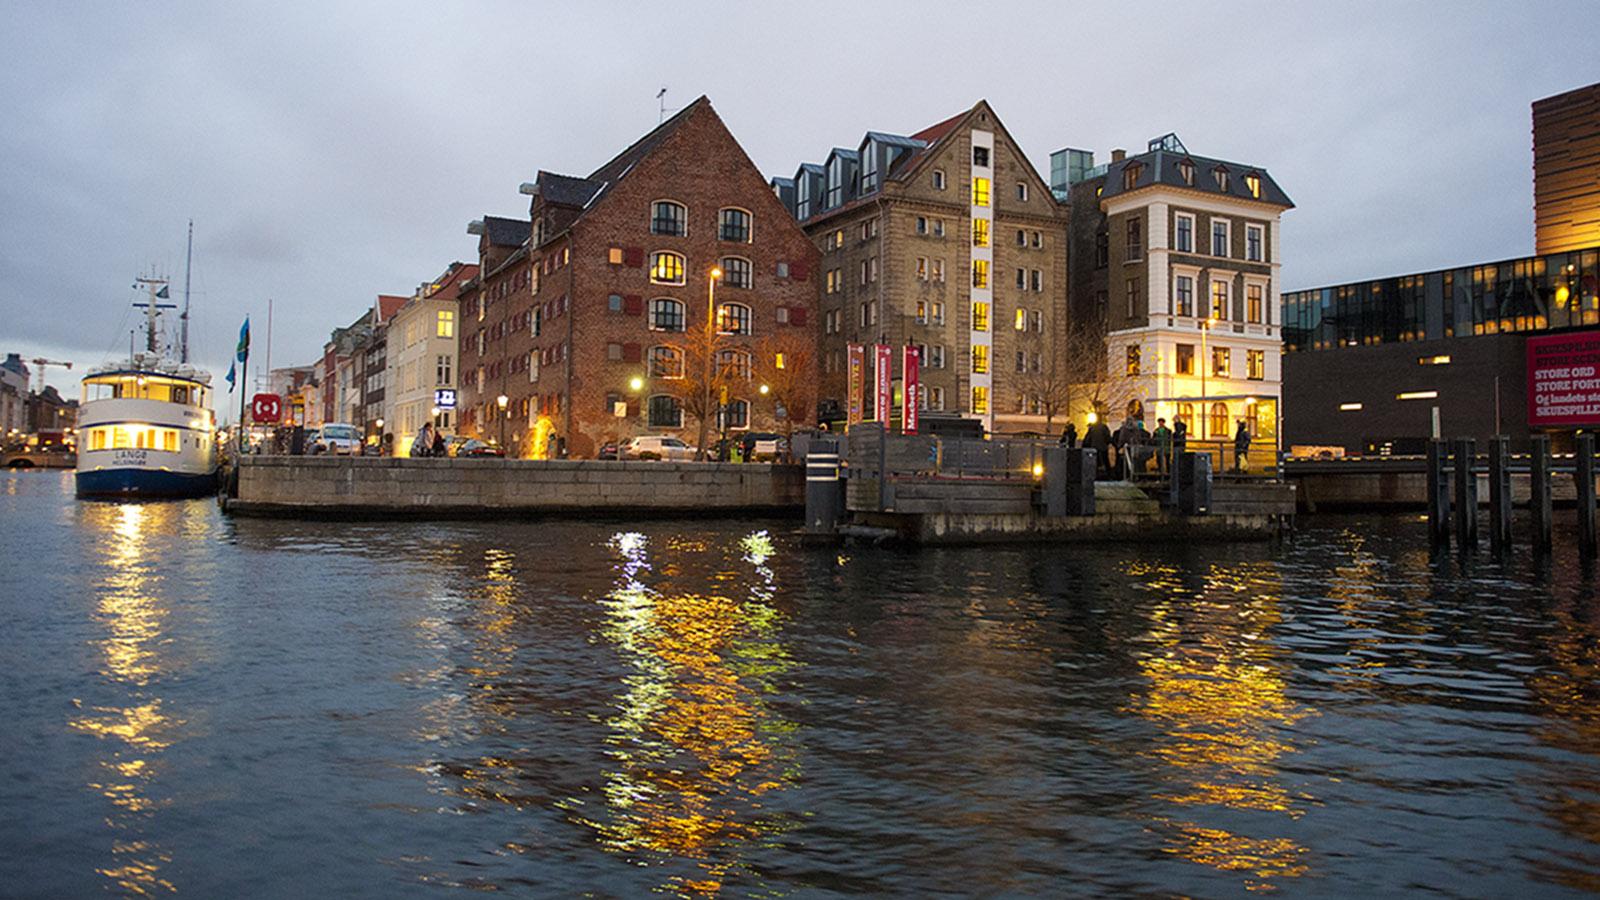 Grünes Kopenhagen. Blick auf das Schauspielhaus (r.) und Nyhavn. Foto: Hilke Maunder